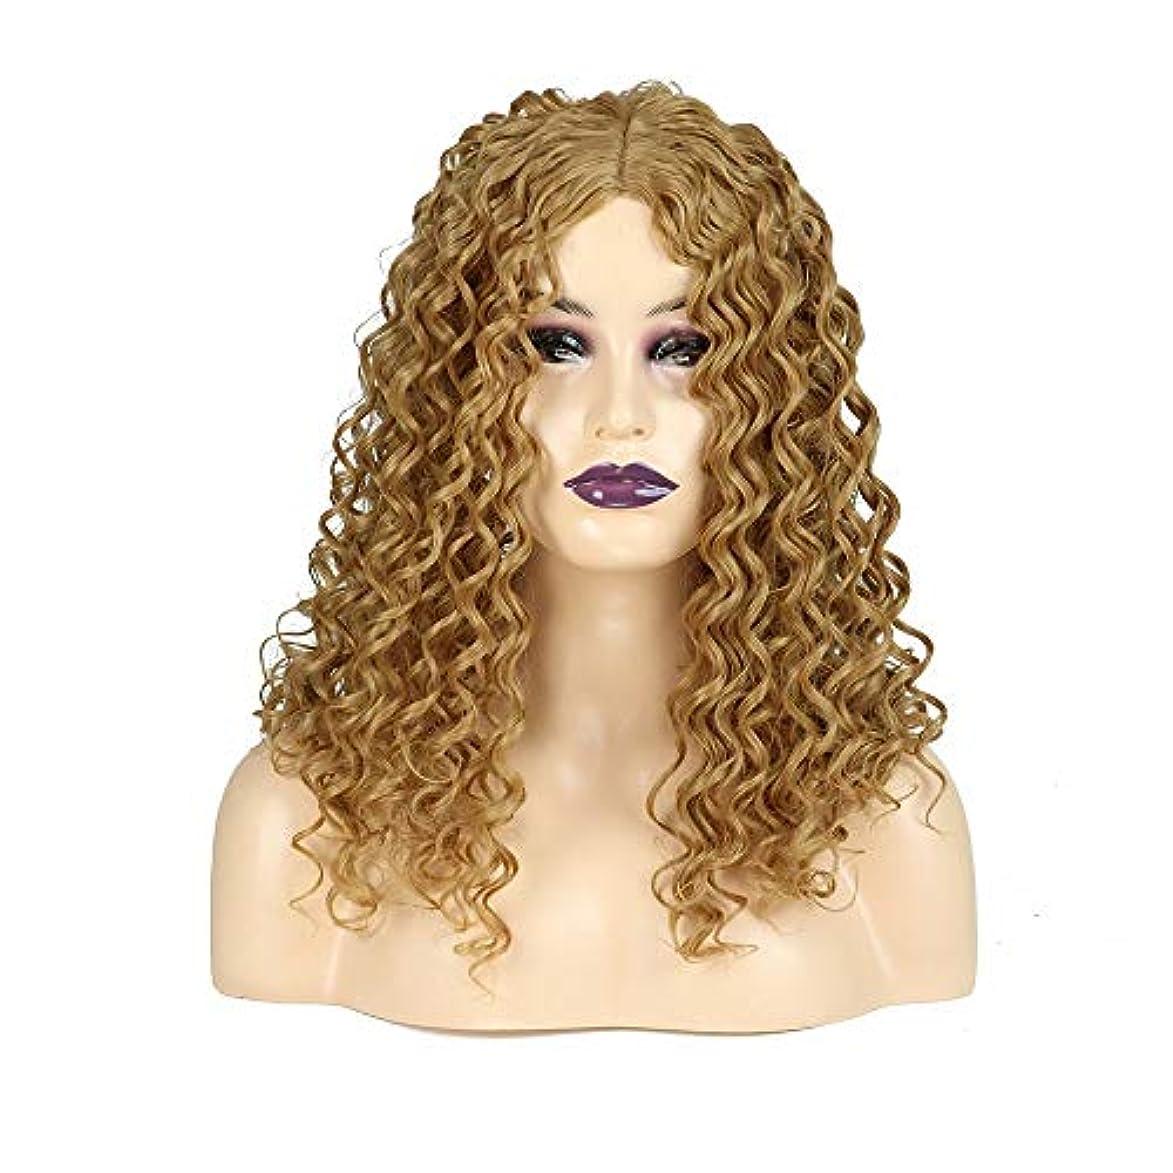 すごい補助高度WASAIO ブロンドの長い巻き毛のかつらアフリカの小さな波熱安全な合成繊維アクセサリースタイルファイバー用女性の毎日のドレス (色 : Blonde)